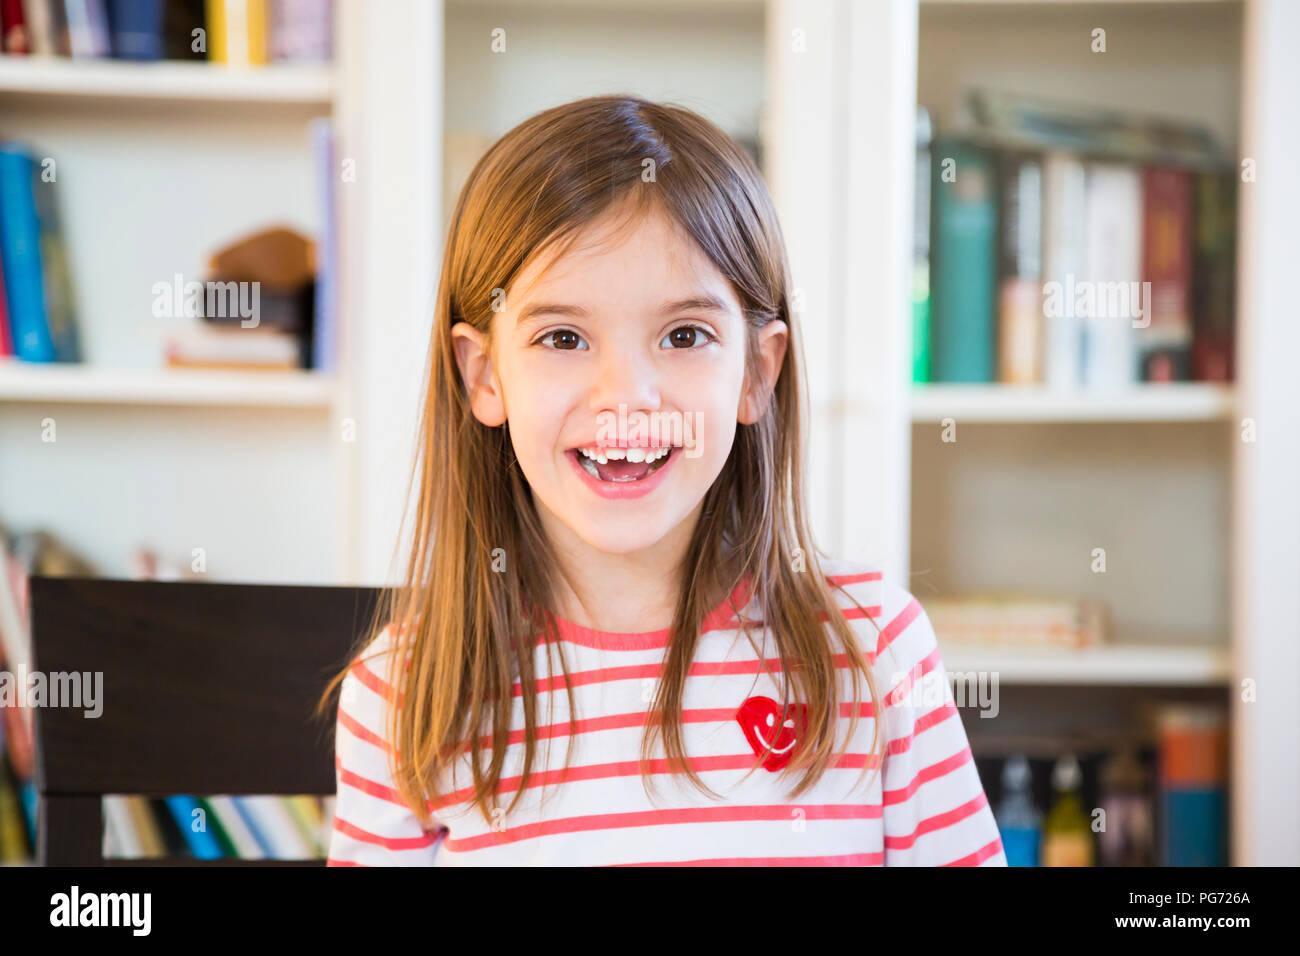 Portrait von glücklichen kleinen Mädchen zu Hause Stockbild